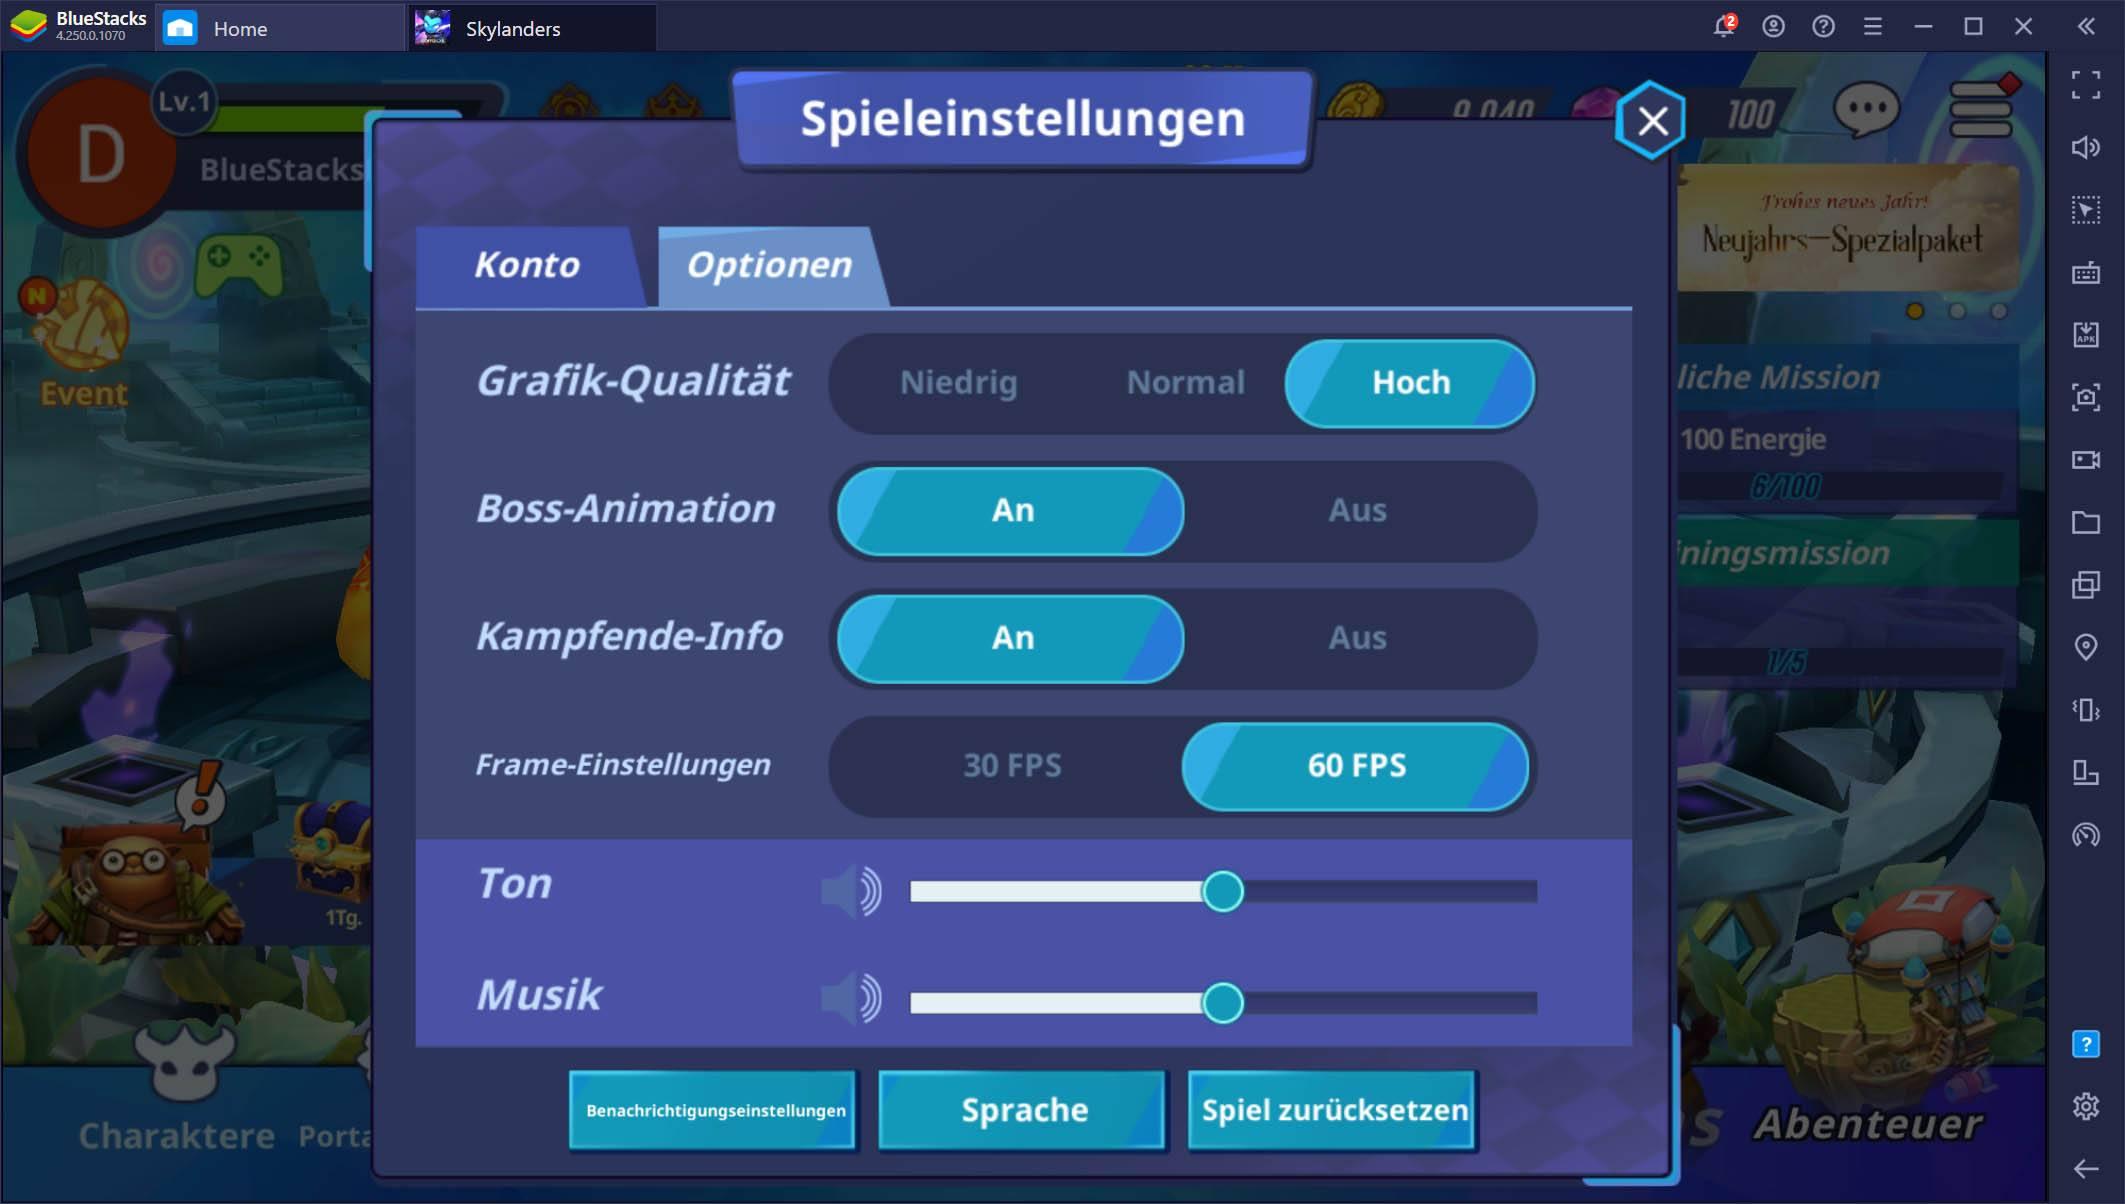 Skylanders Ring of Heroes auf dem PC – Optimiere und verbessere dein Gameplay mit diesen BlueStacks-Funktionen